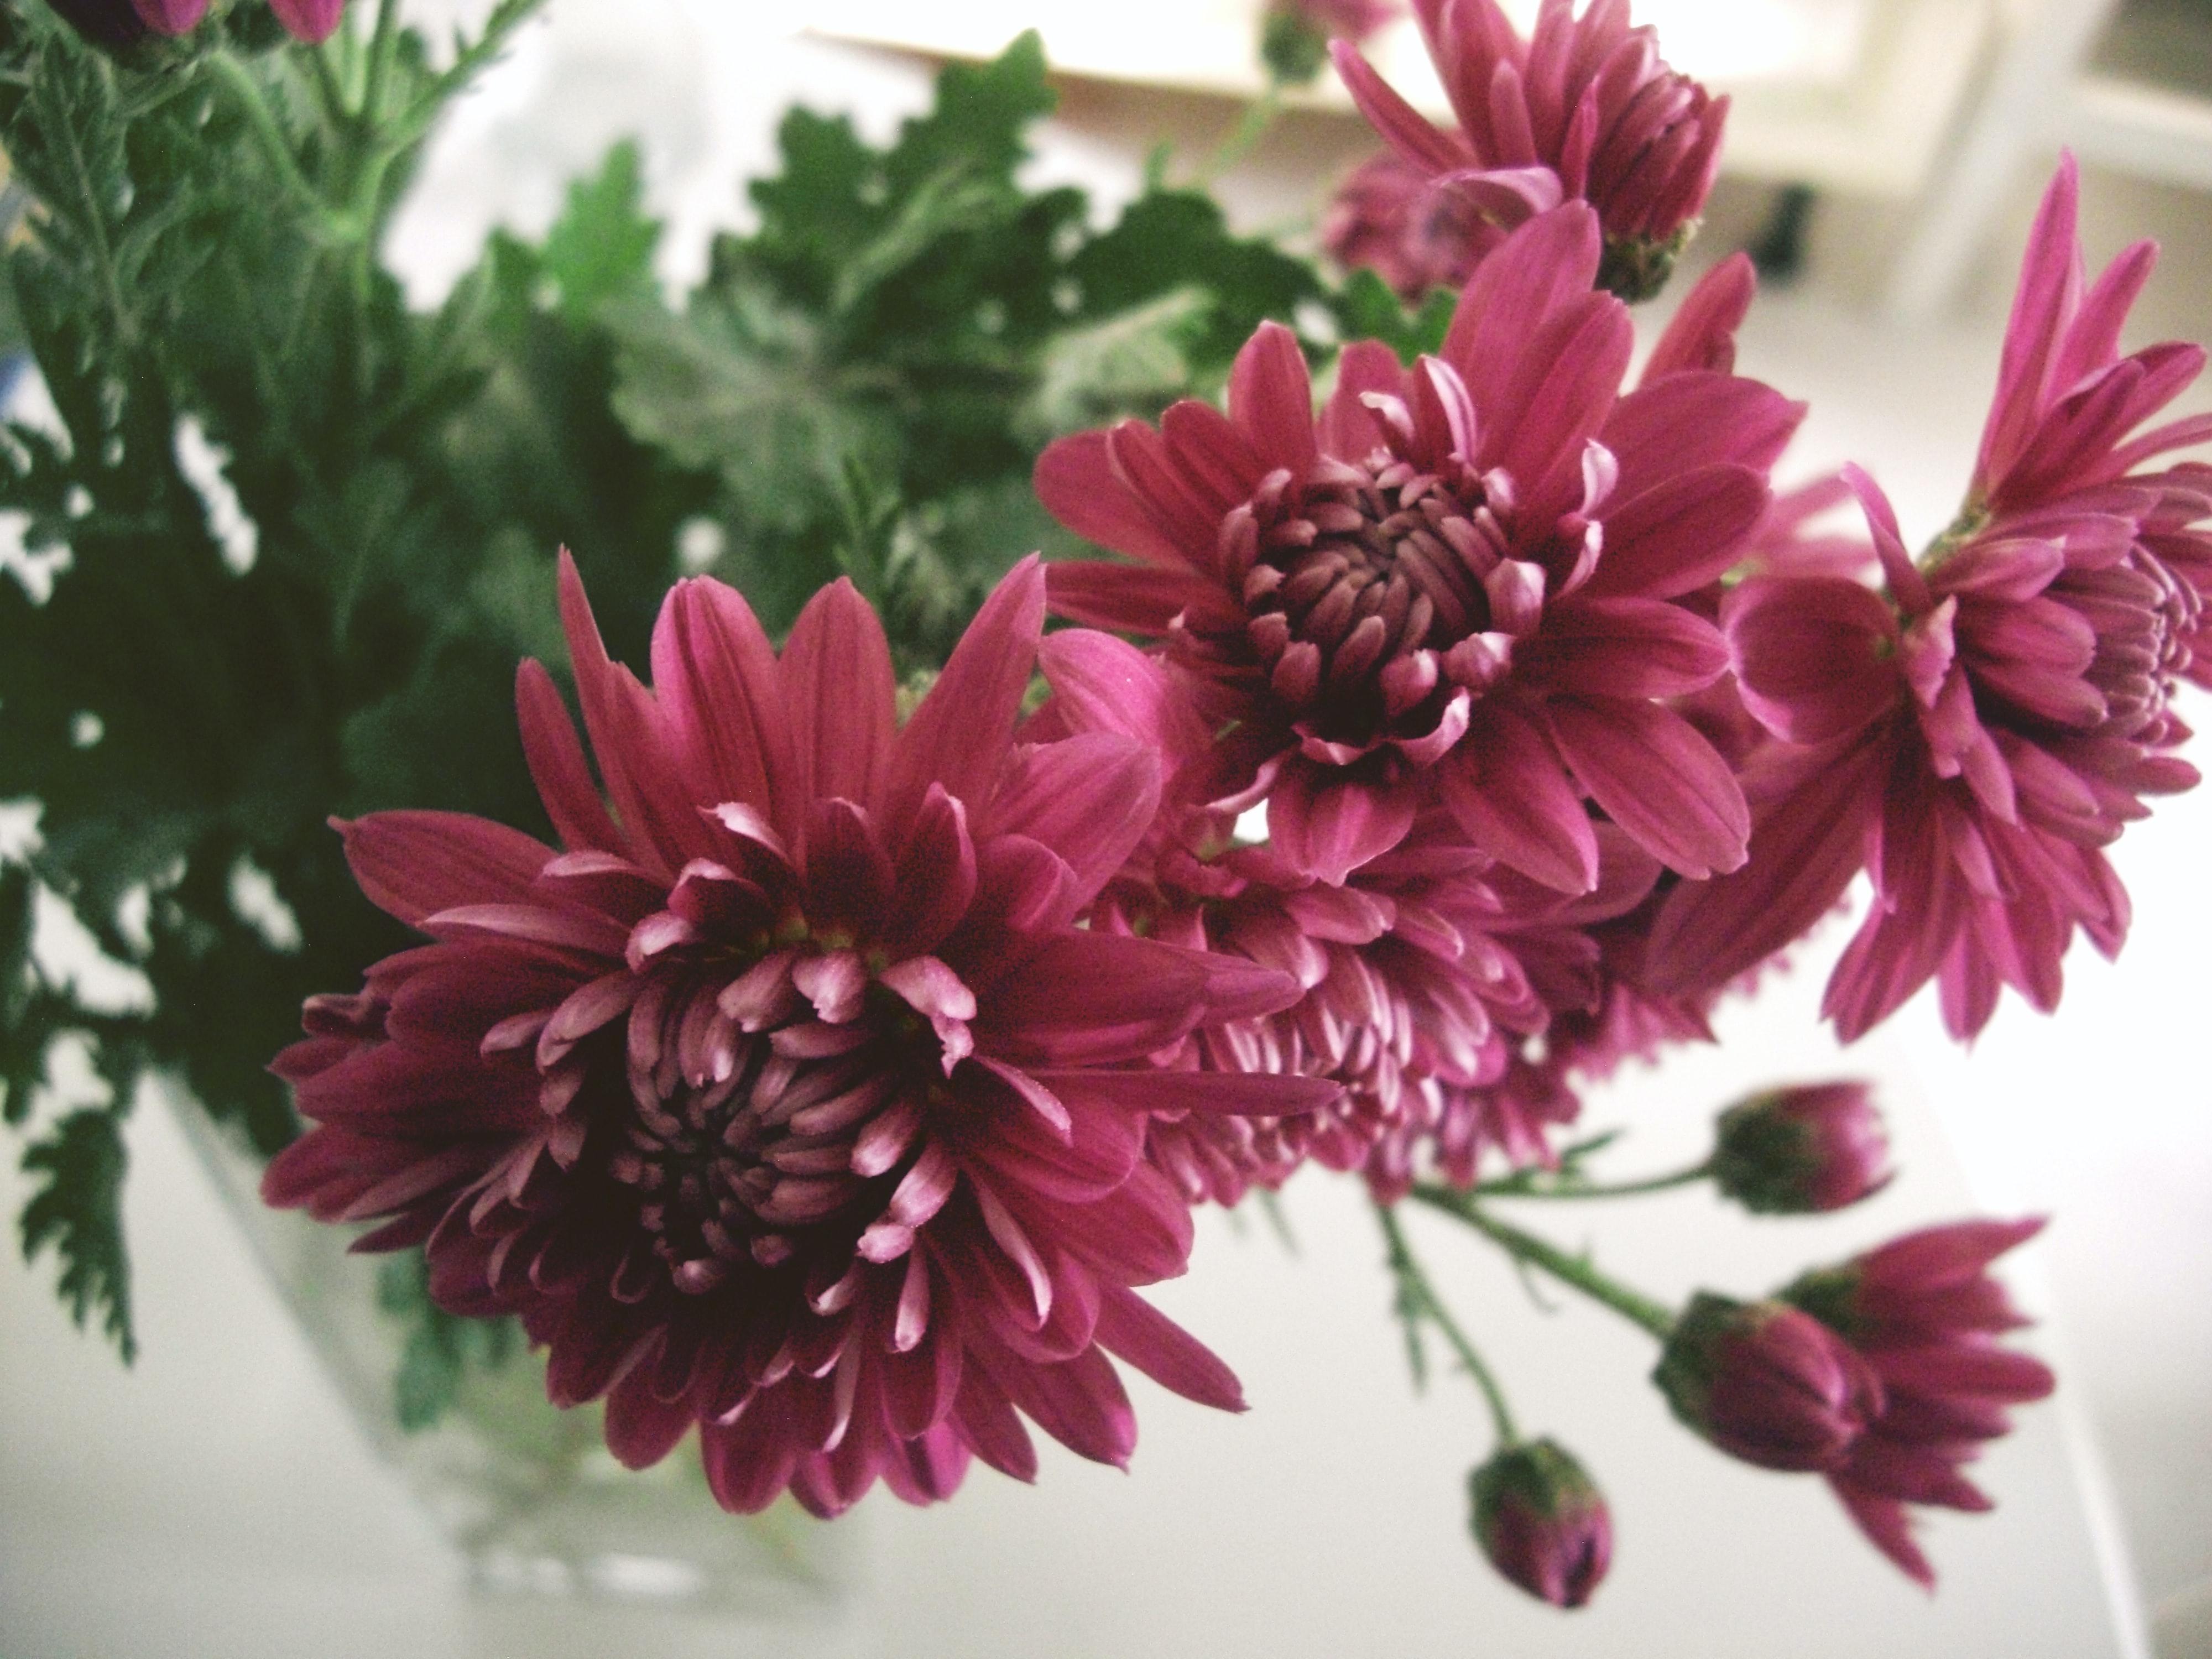 菊は花もちが良いのも特徴。ただし衝撃に弱いお花で、物に当たると一気に花びらが落ちてしまうことも。飾る場所には注意が必要です。